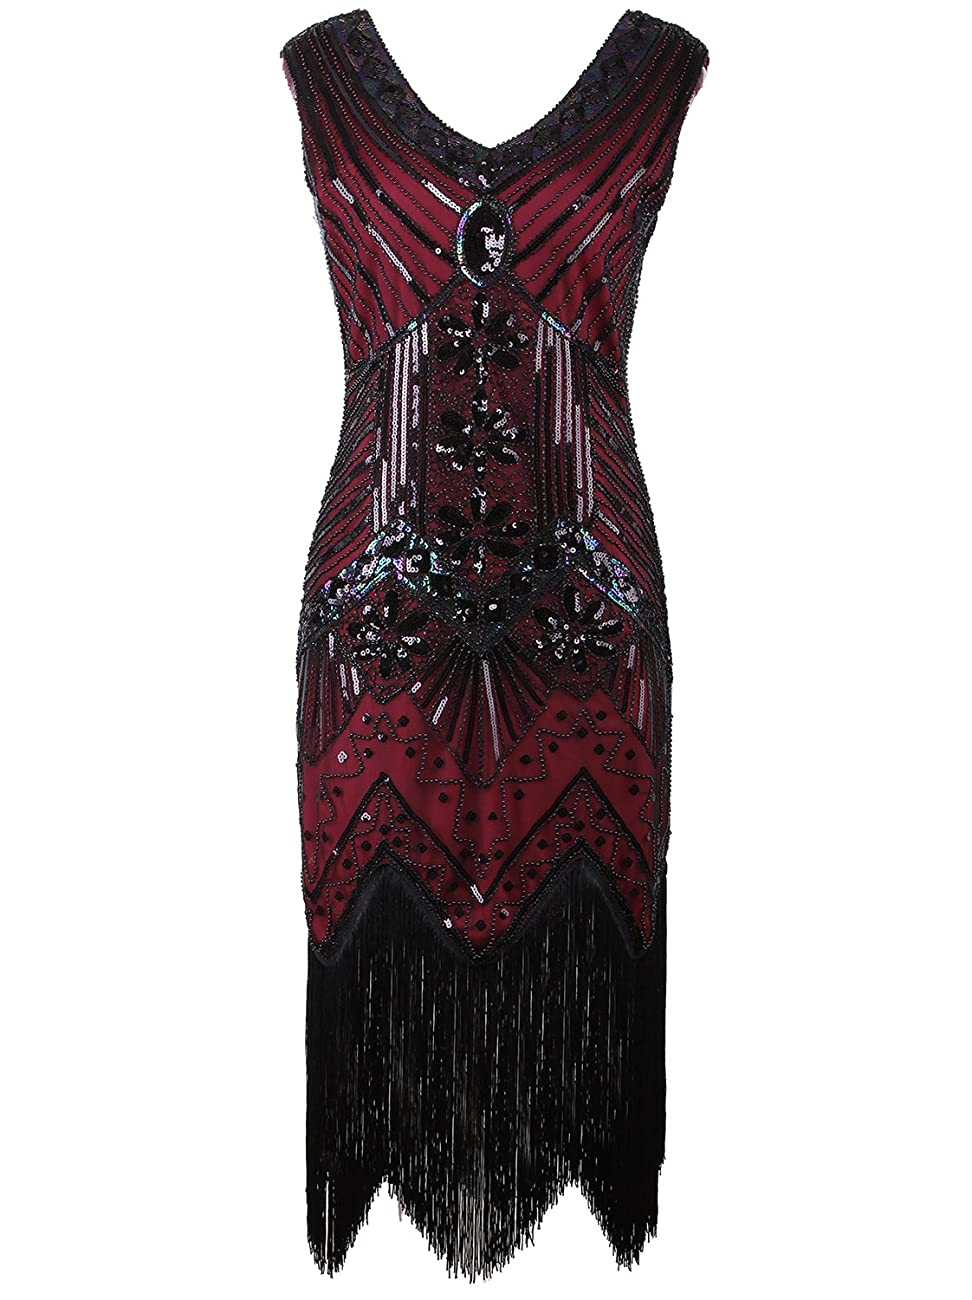 Vijiv Women 1920s Gastby Sequin Art Nouveau Embellished Fringed Flapper Dress 0